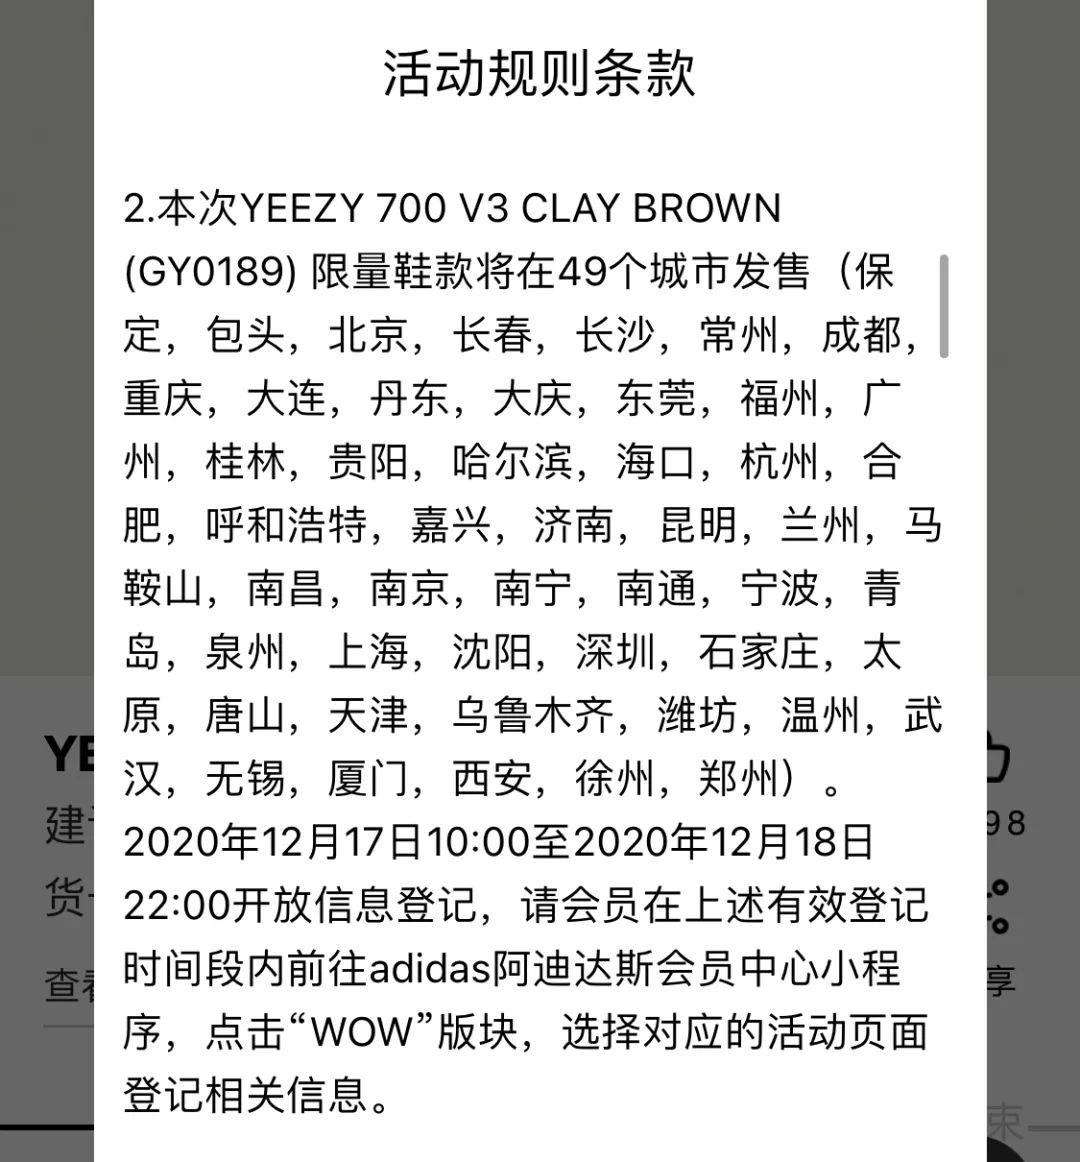 小程序登记!Yeezy 700第三代黑武士中国限量发售!速锁定!